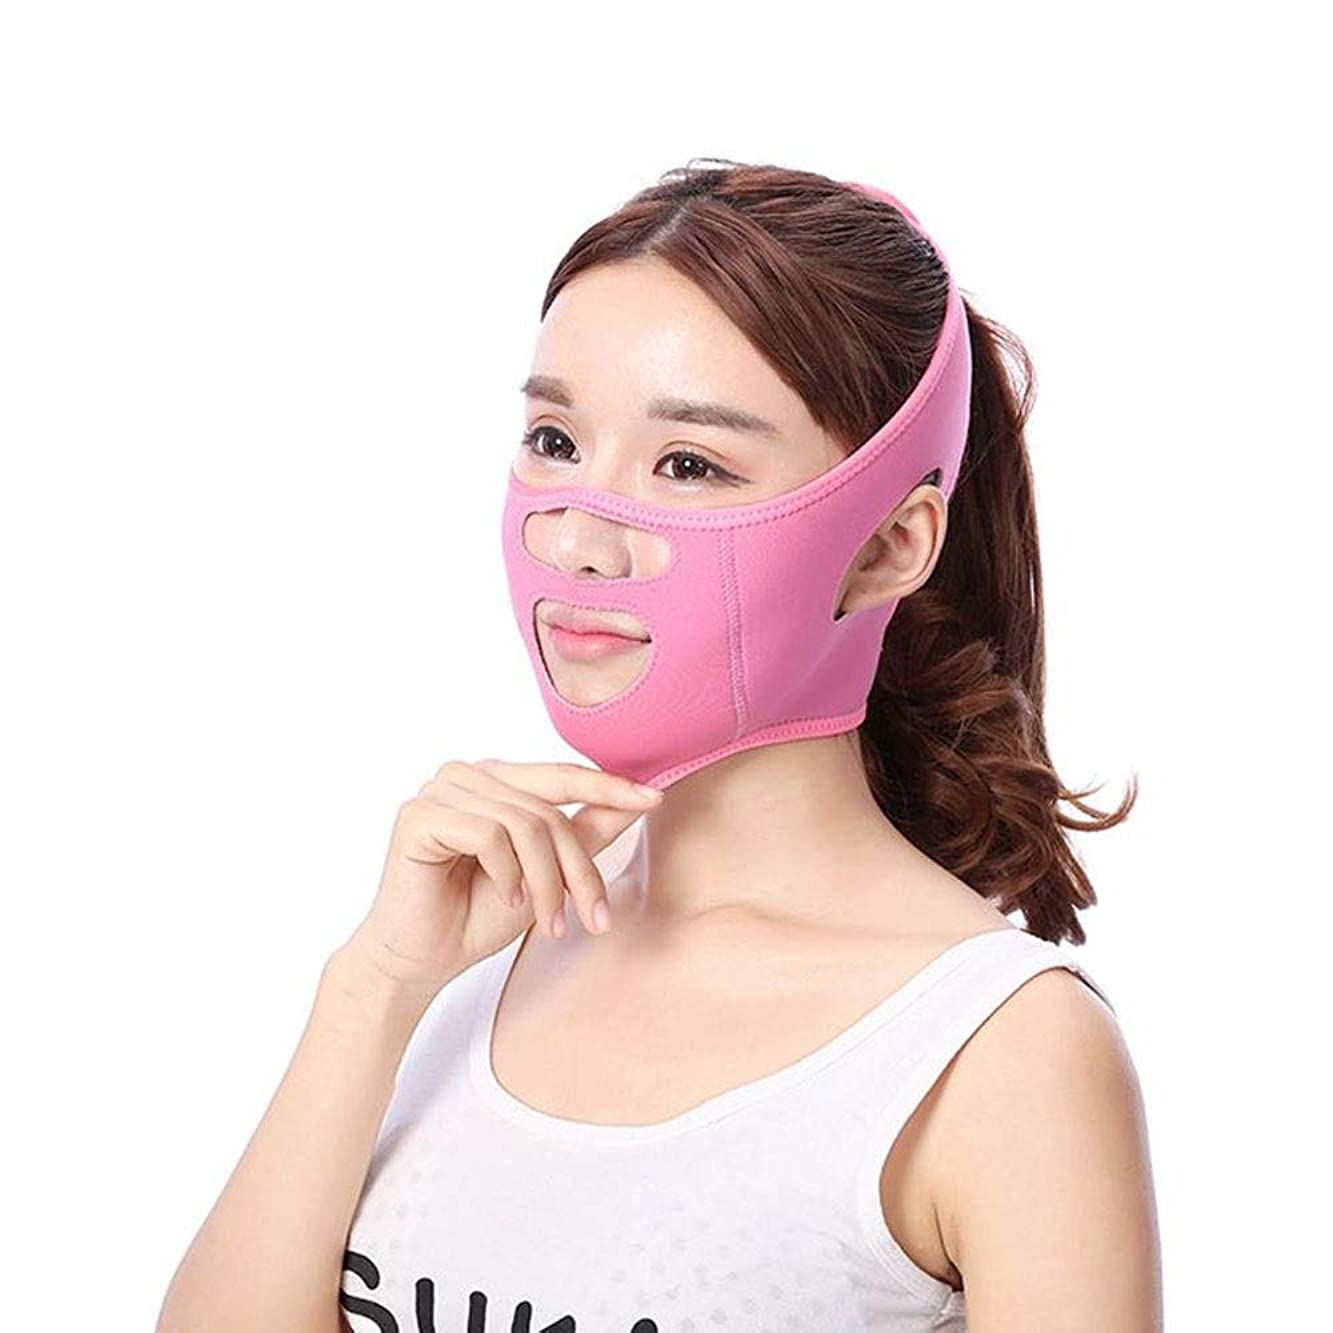 連結する平手打ち促進するMinmin シンフェイスアーティファクトリフティング引き締めフェイス睡眠包帯フェイシャルリフティングアンチ垂れ下がり法律パターンステッカー8ワード口角 - ピンク みんみんVラインフェイスマスク